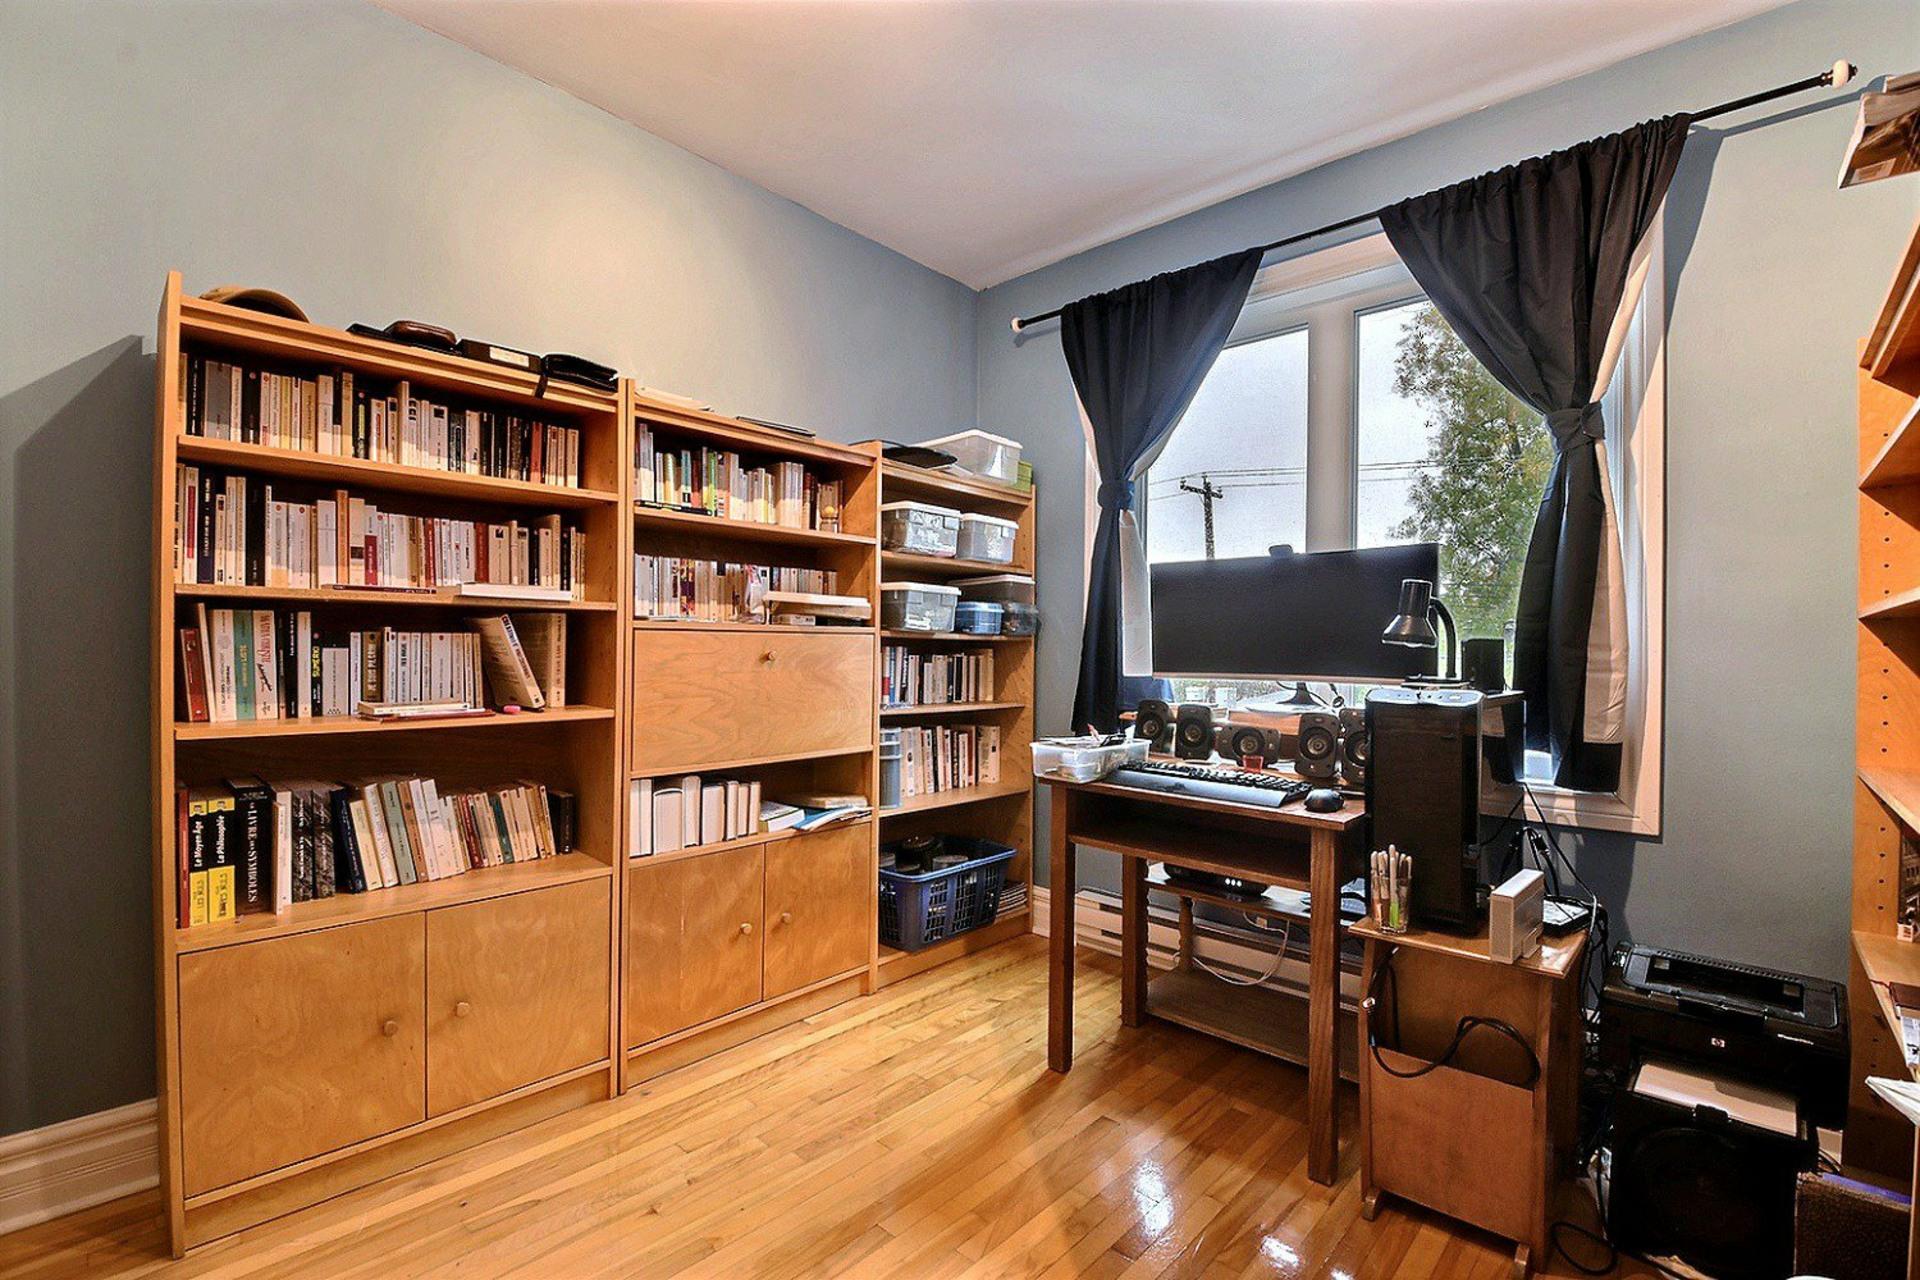 image 20 - Duplex For sale Lachine Montréal  - 6 rooms